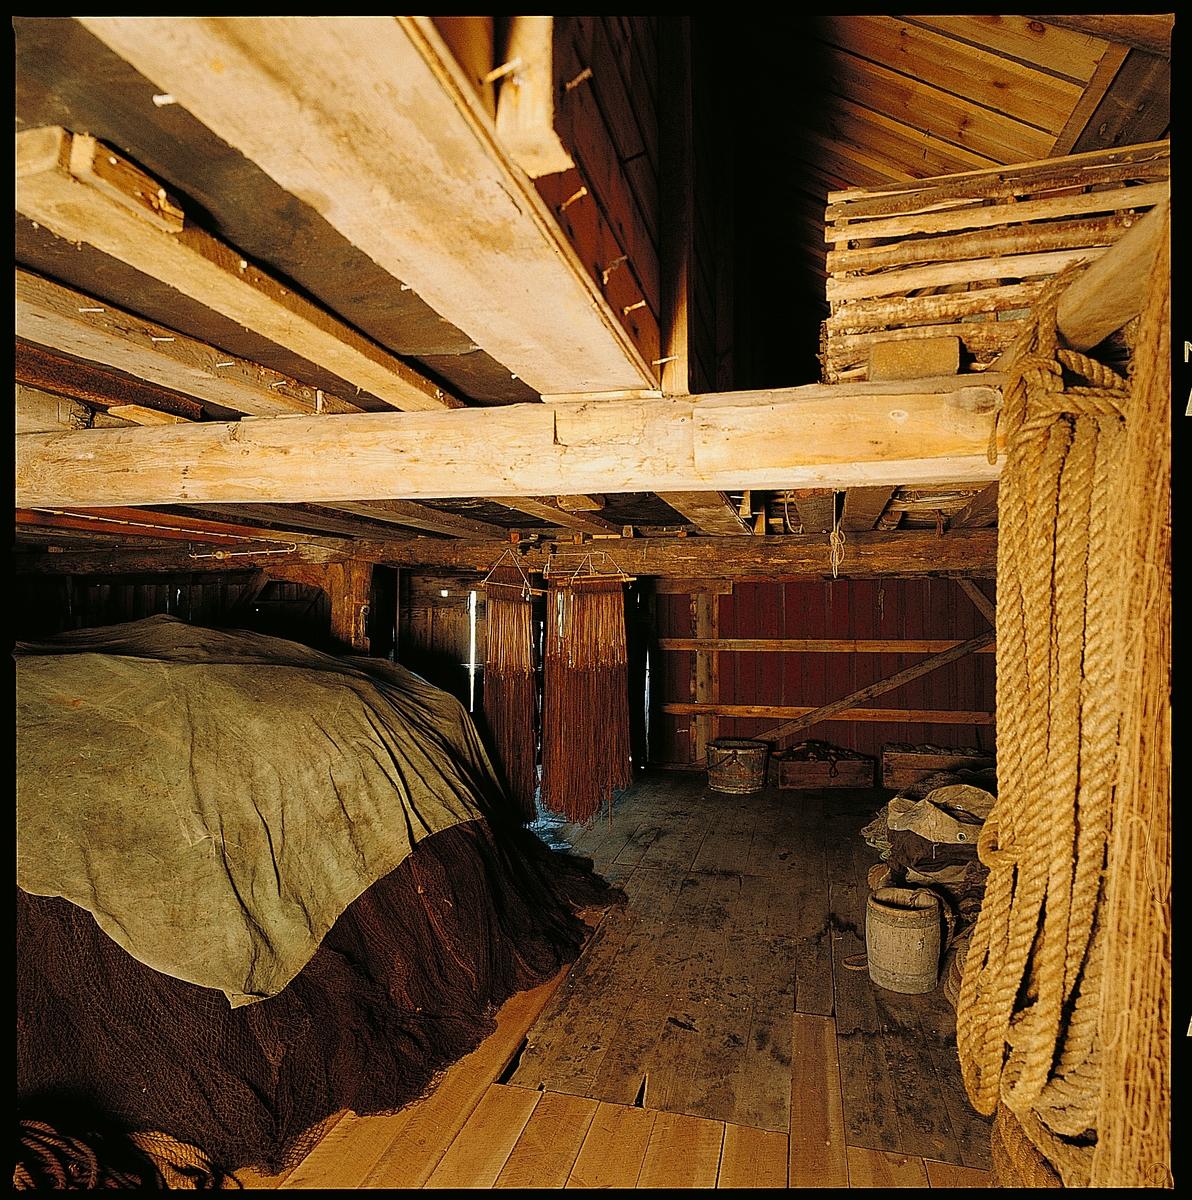 Sjøhuset er i 2 1/2 etasjer. Det står på en grunnmur av tørrstein, delvis ut i sjøen. Sjøhuset er kledd med vertikalt tømmermannspanel. Saltaket er tekket med uglasert teglstein. Murt pipe i teglstein. Siden det til tider kan være værhardt på Utsira har de fleste sjøhusene her åpning til båtene fra landsiden. Båtstøet til dette sjøhuset ligger på nordsiden og båtene ble trukket opp på land, så dreiet litt mot sør og trukket inn i sjøhuset med håndkraft. Derfor er det stor åpning på kortveggen mot land. Det er åpning mot sjøen også, men denne ble mest brukt til å få lastet inn fiskeredskaper og fangst.